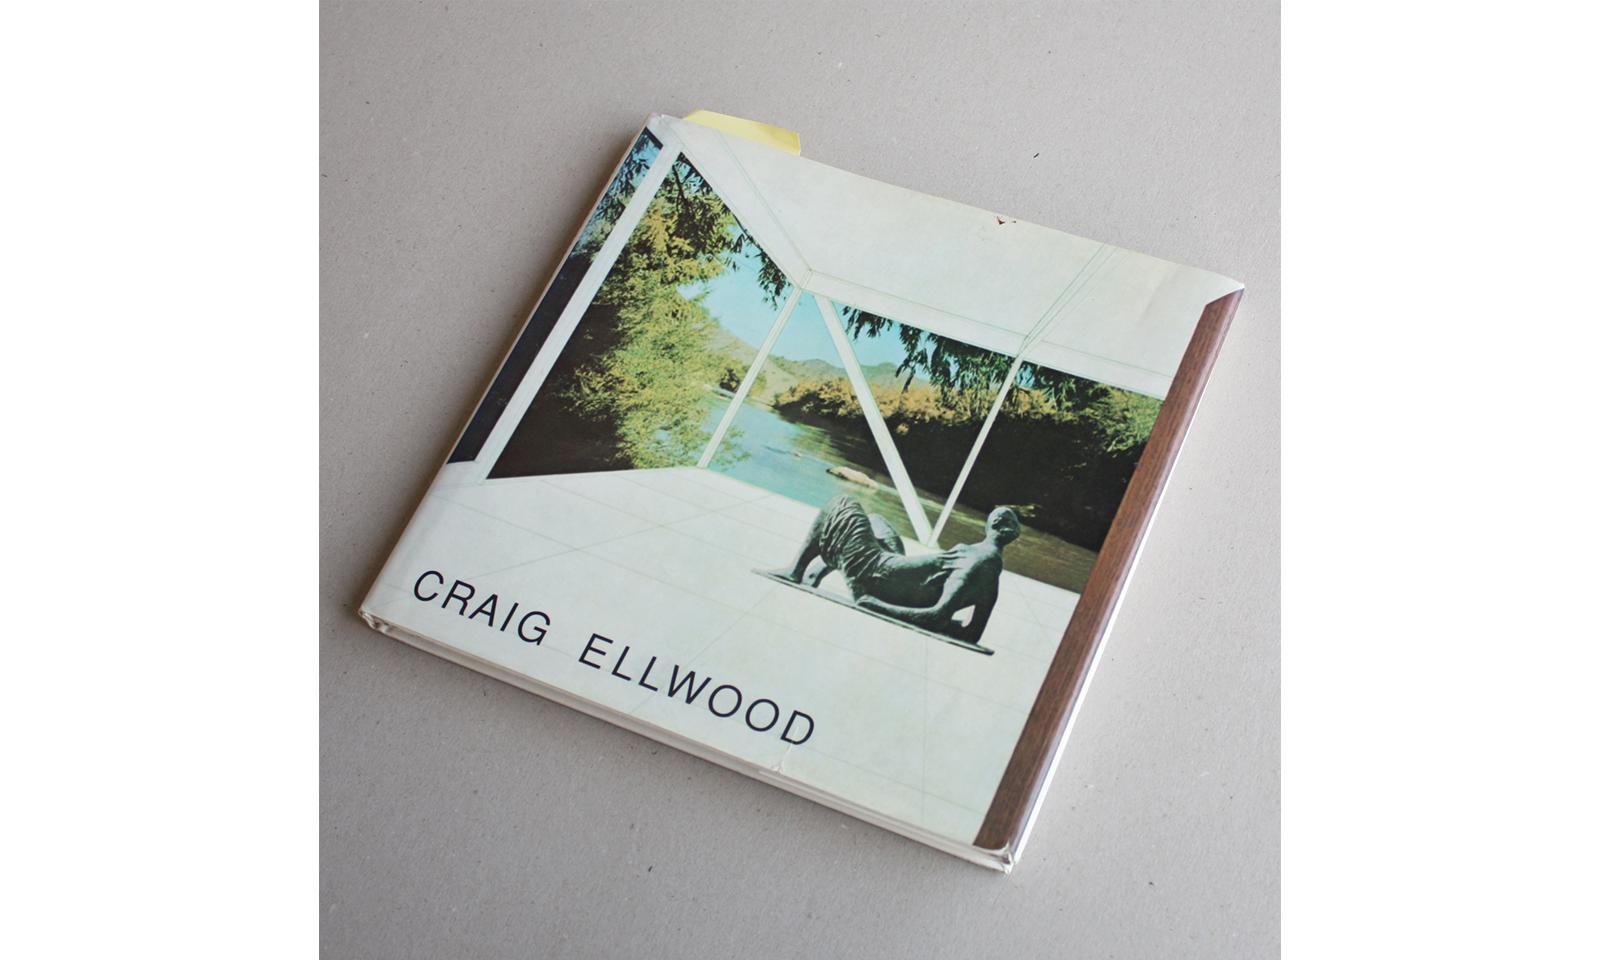 Craig Ellwood groß.jpg